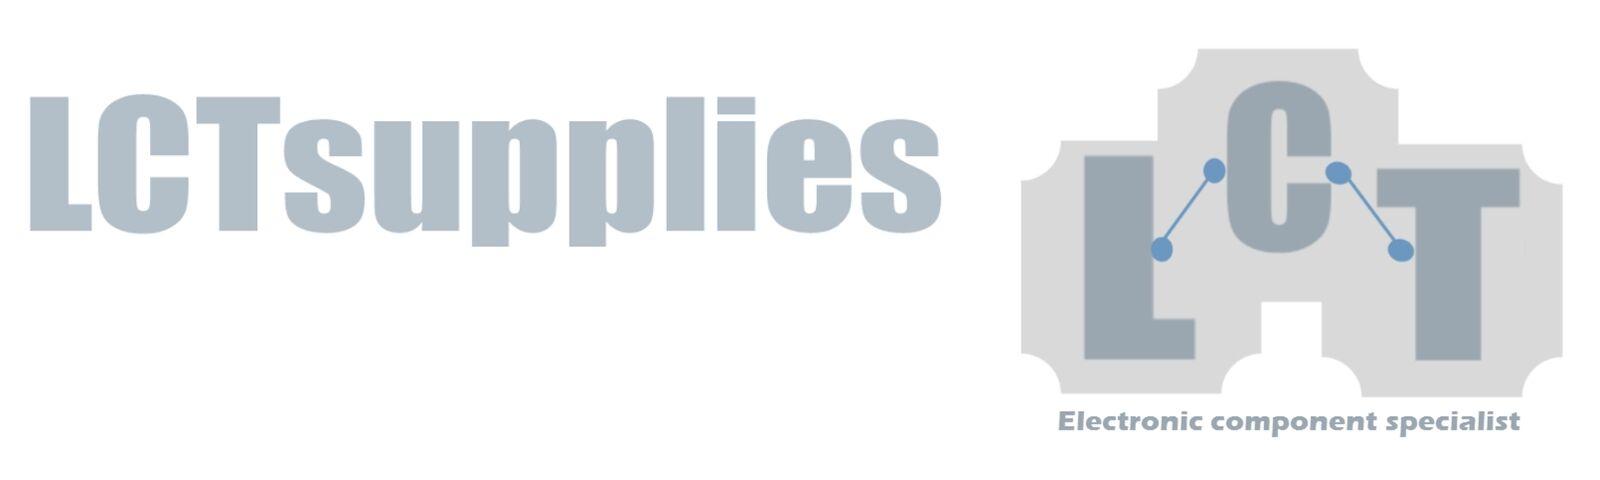 LCTsupplies